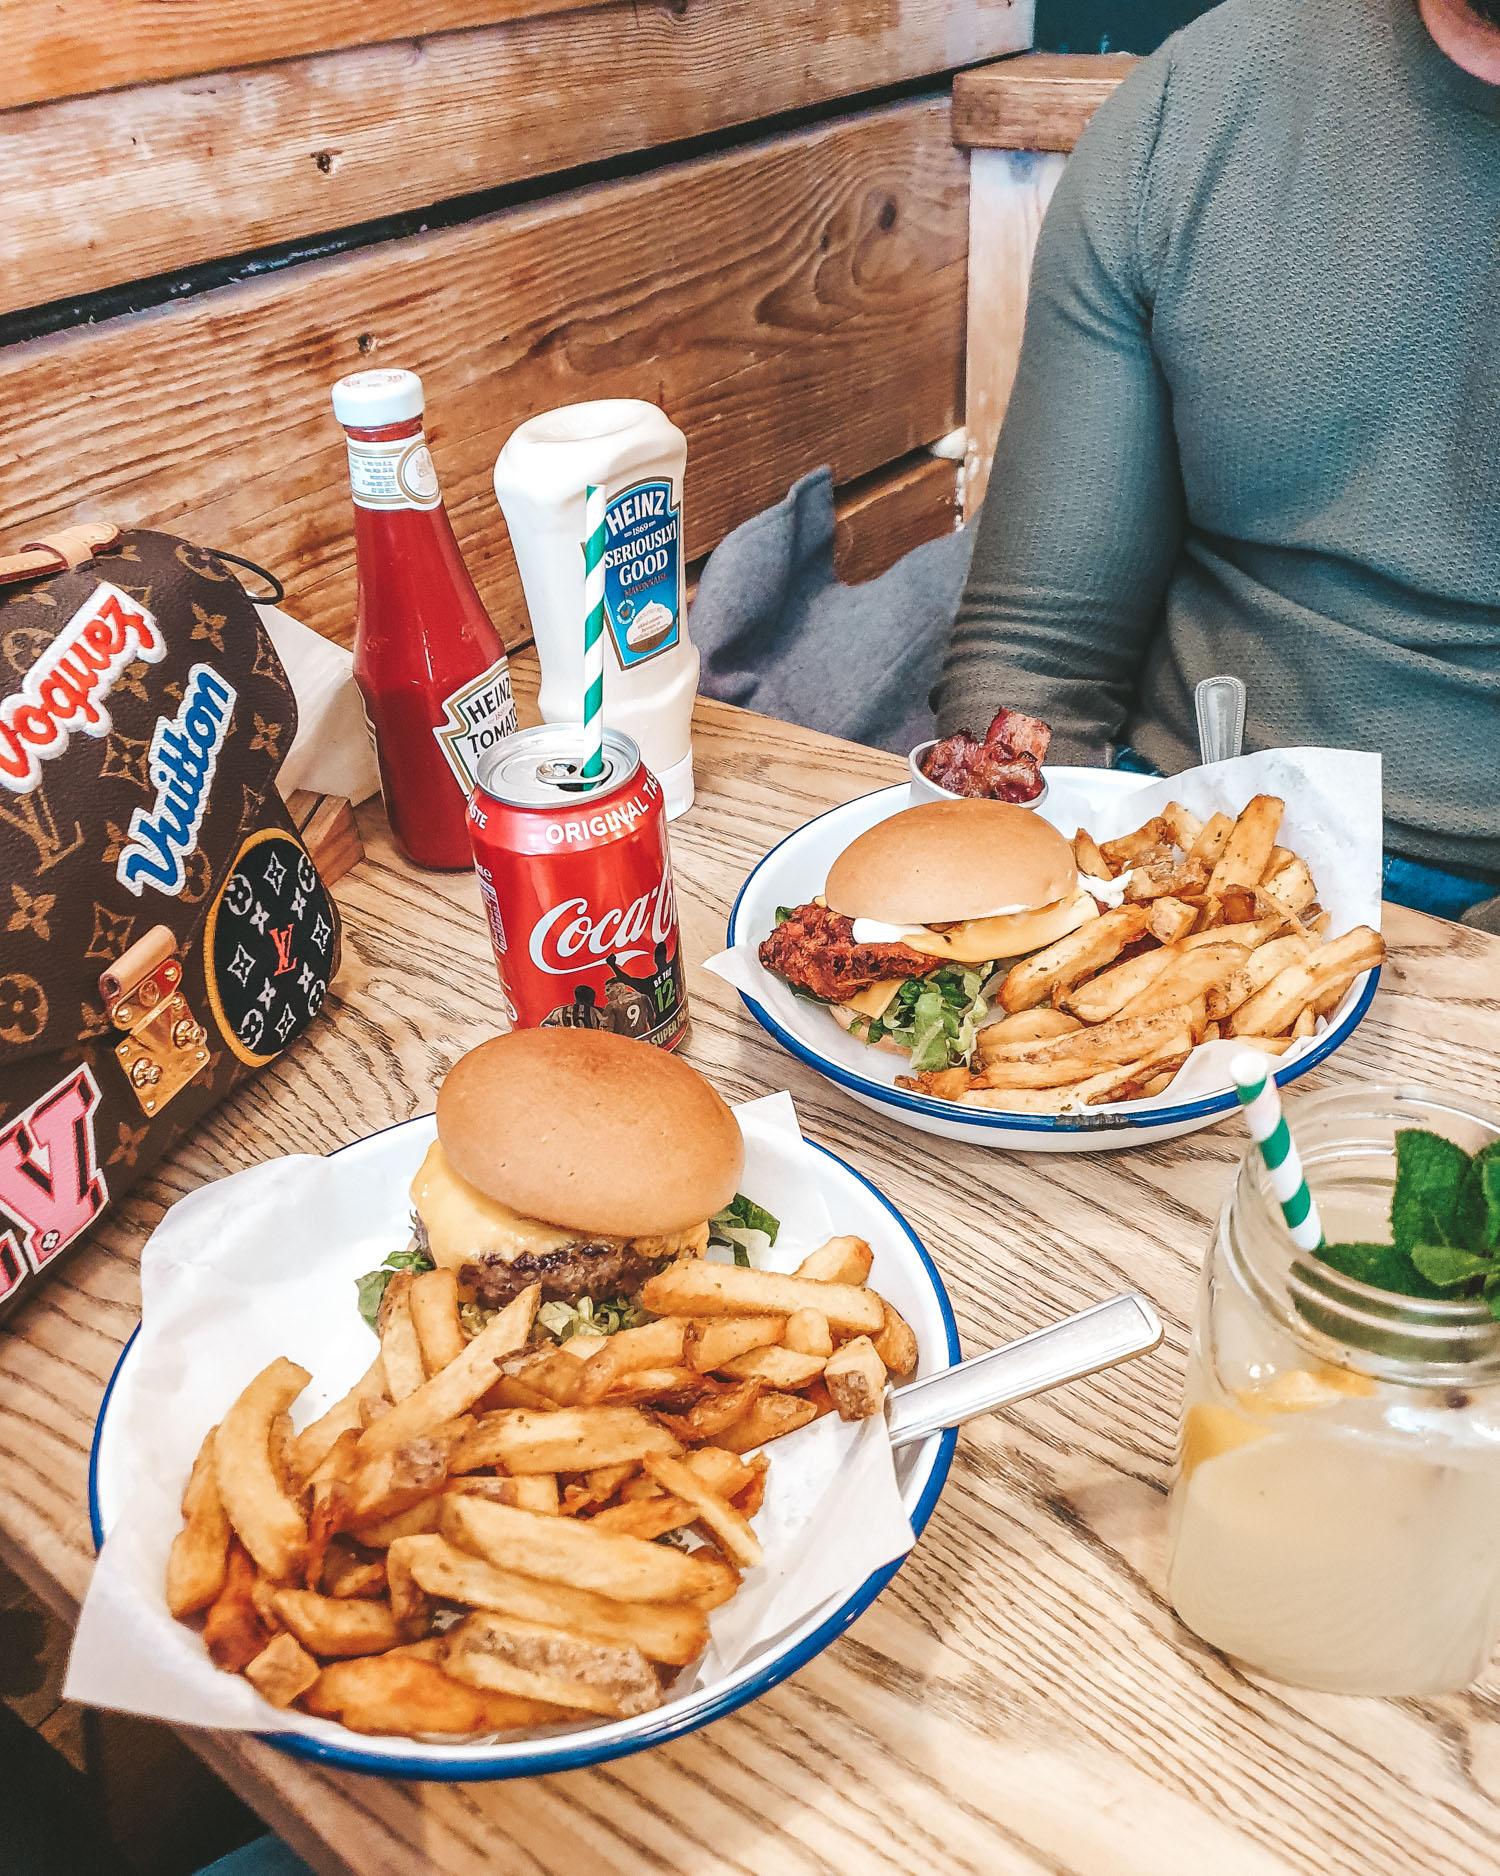 Honest burger London gluten free burger